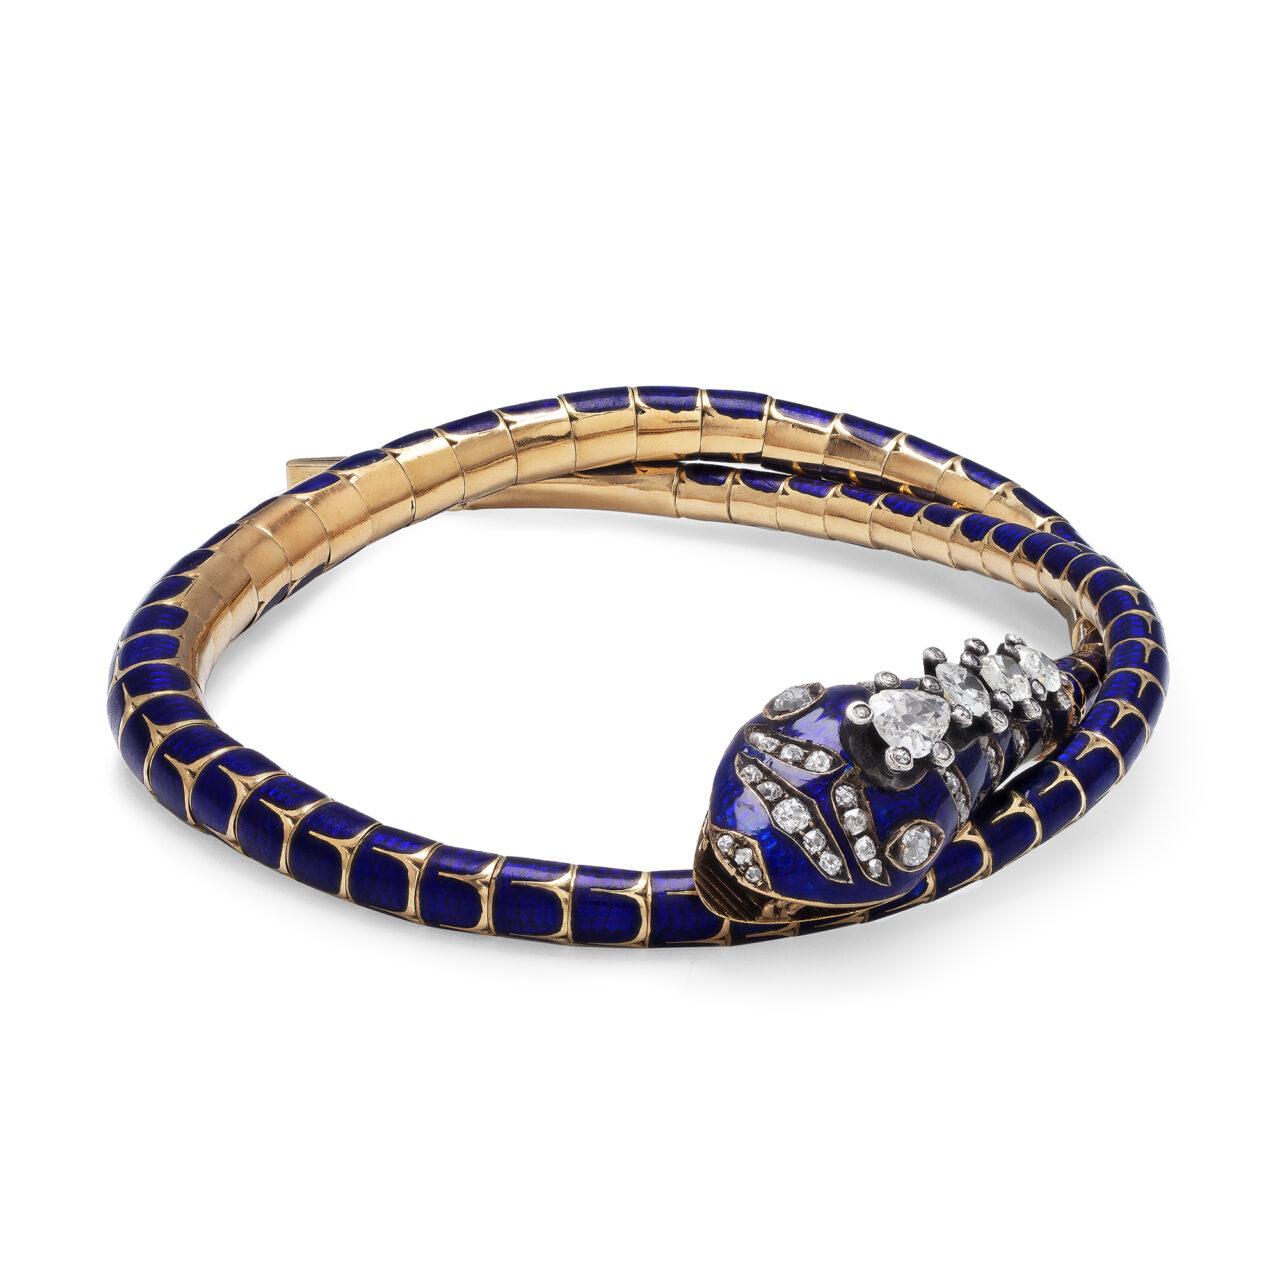 Collana in oro giallo di metà 800 a forma di Serpe smaltata e diamanti